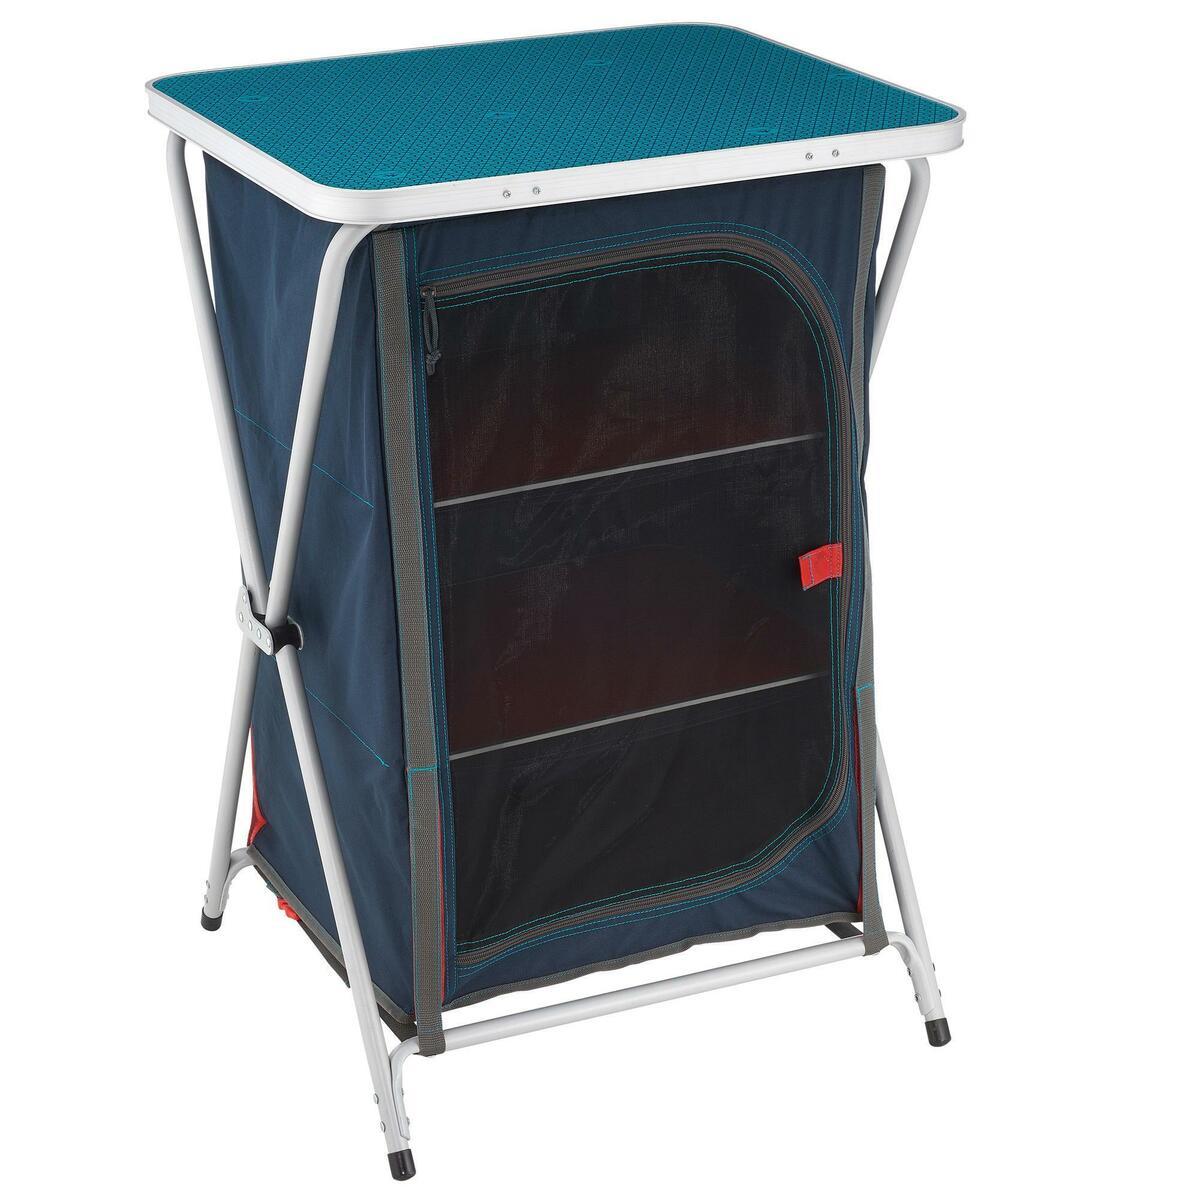 Bild 1 von Camping-Küchenmöbel